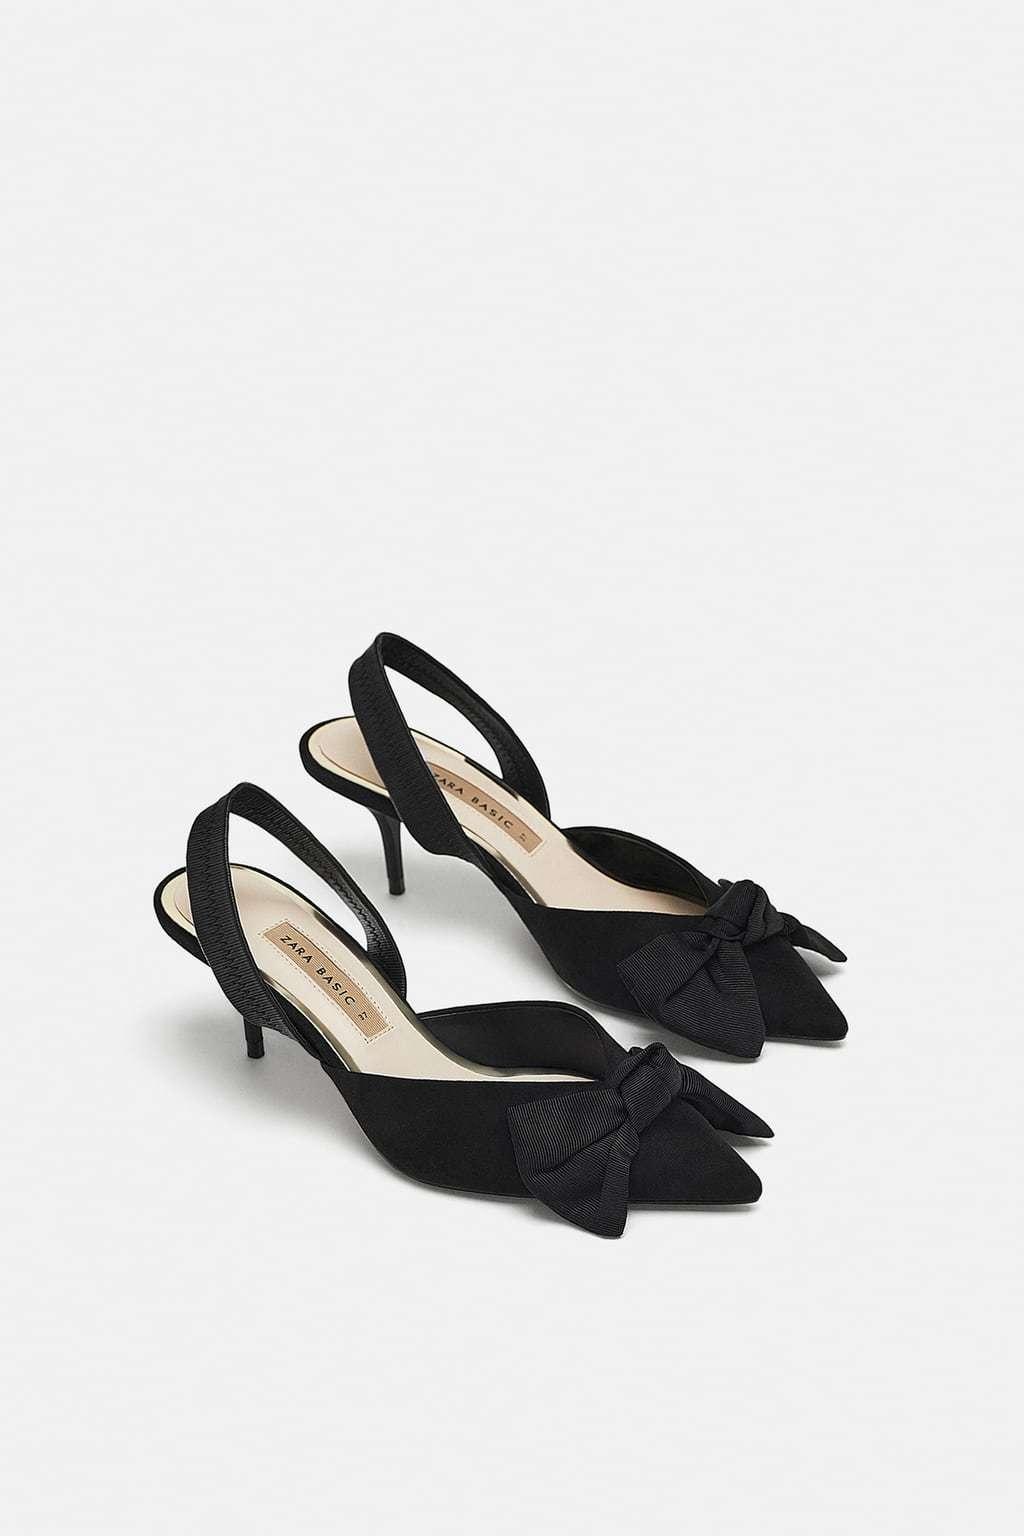 Zapatos de tacón destalonado con lazo, de Zara (25,95 euros).